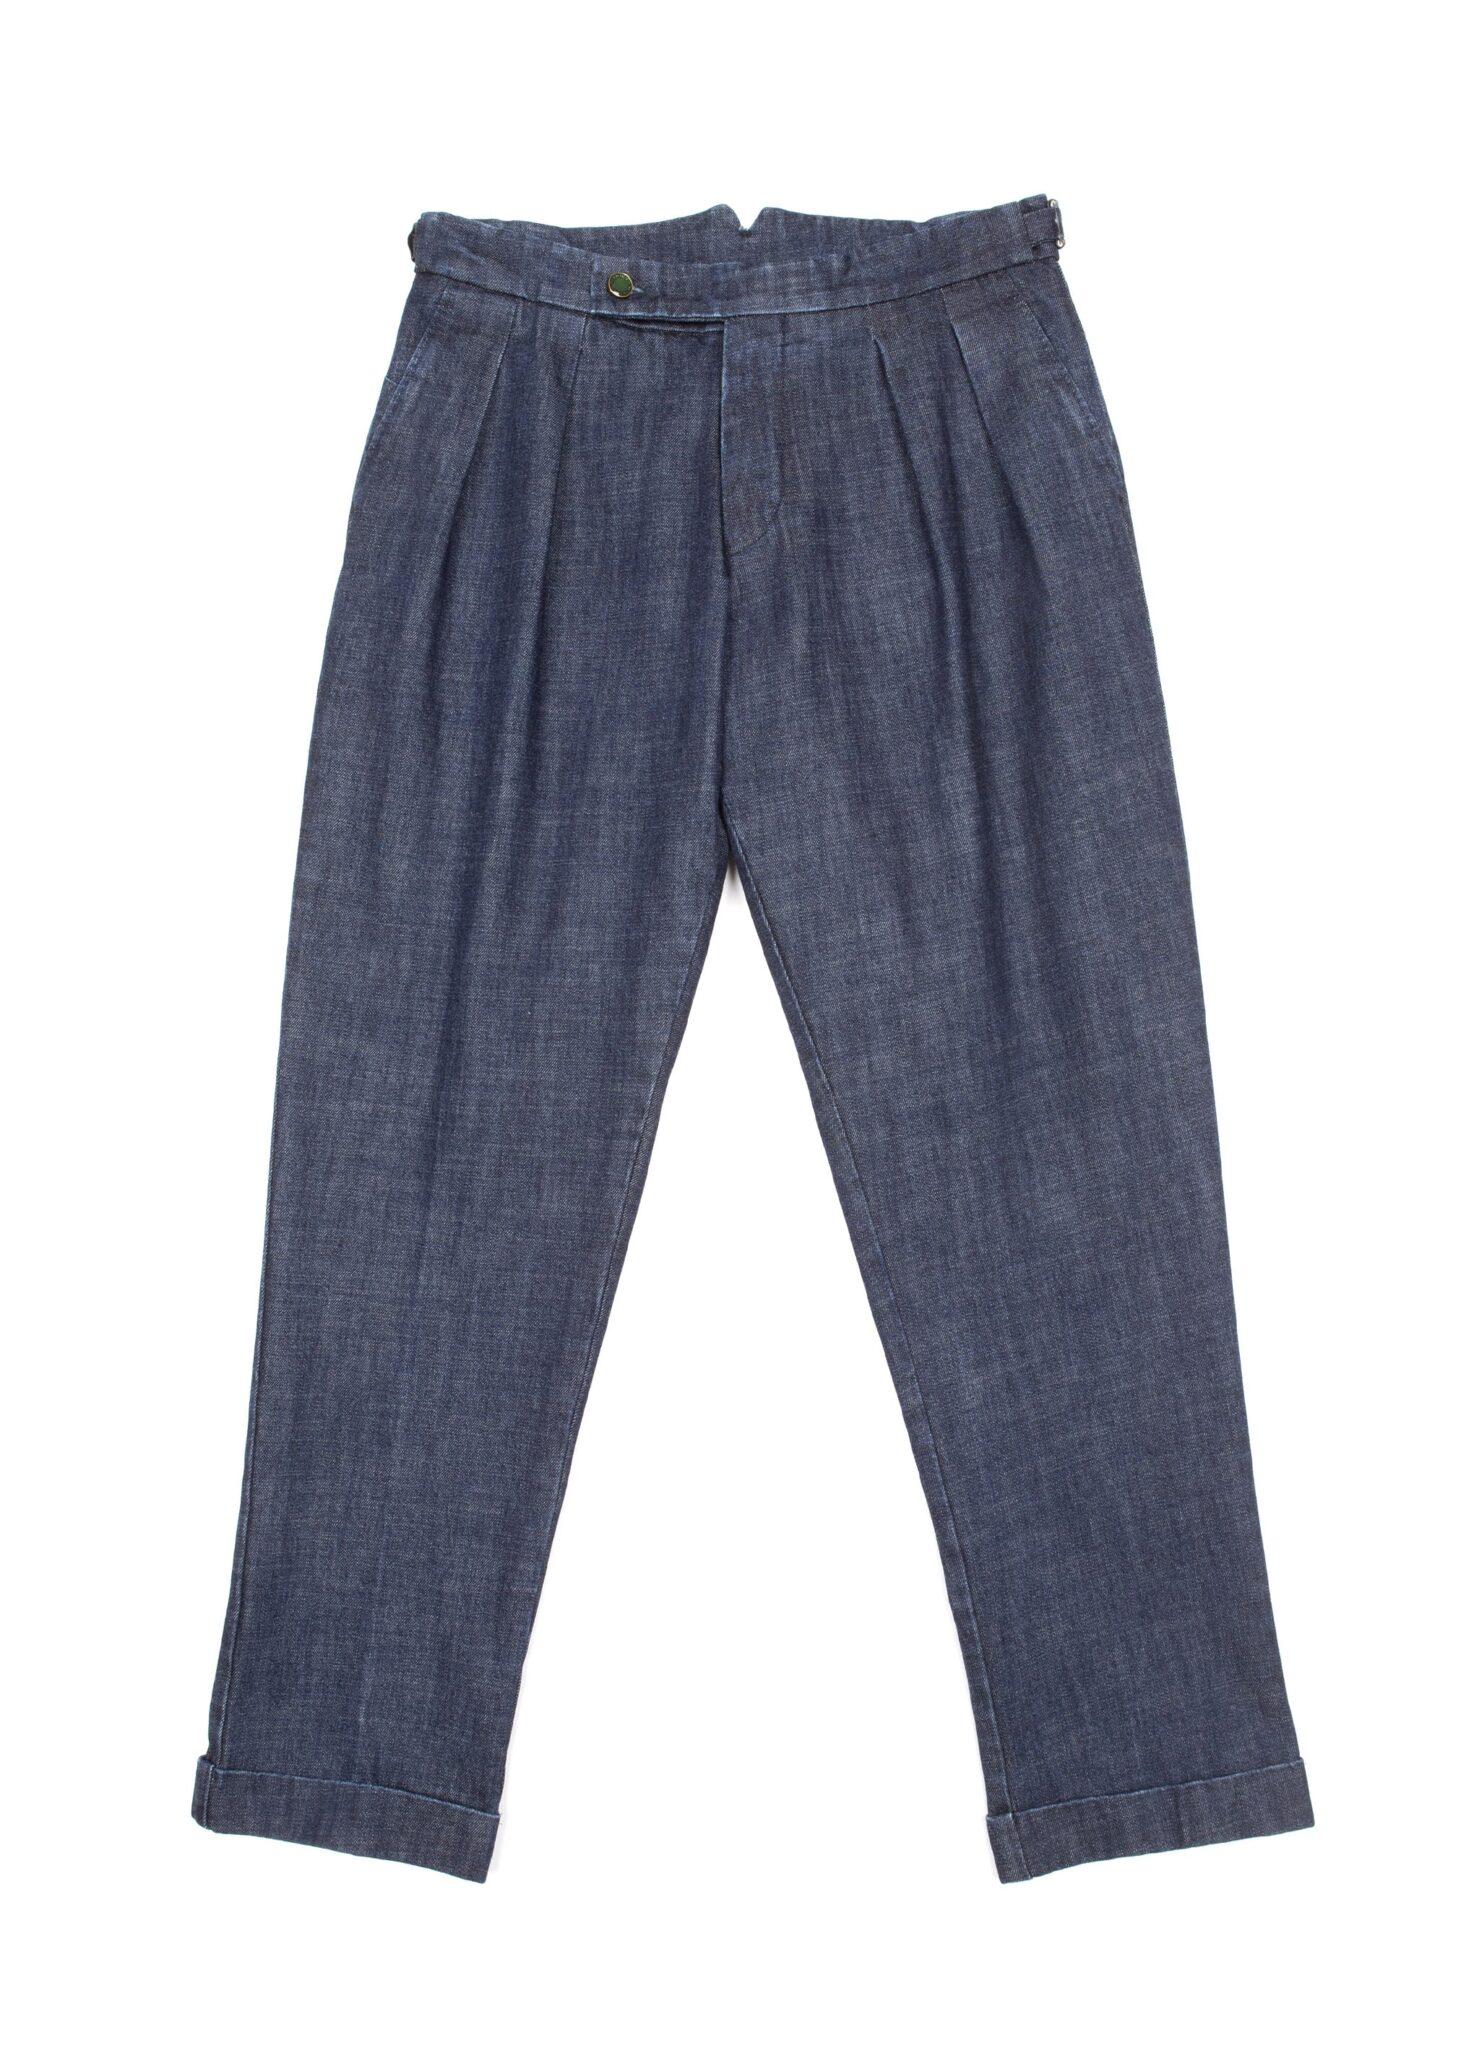 Jeans Berwich FW 2021 dal taglio ampio che garantisce comodità e massimo comfort